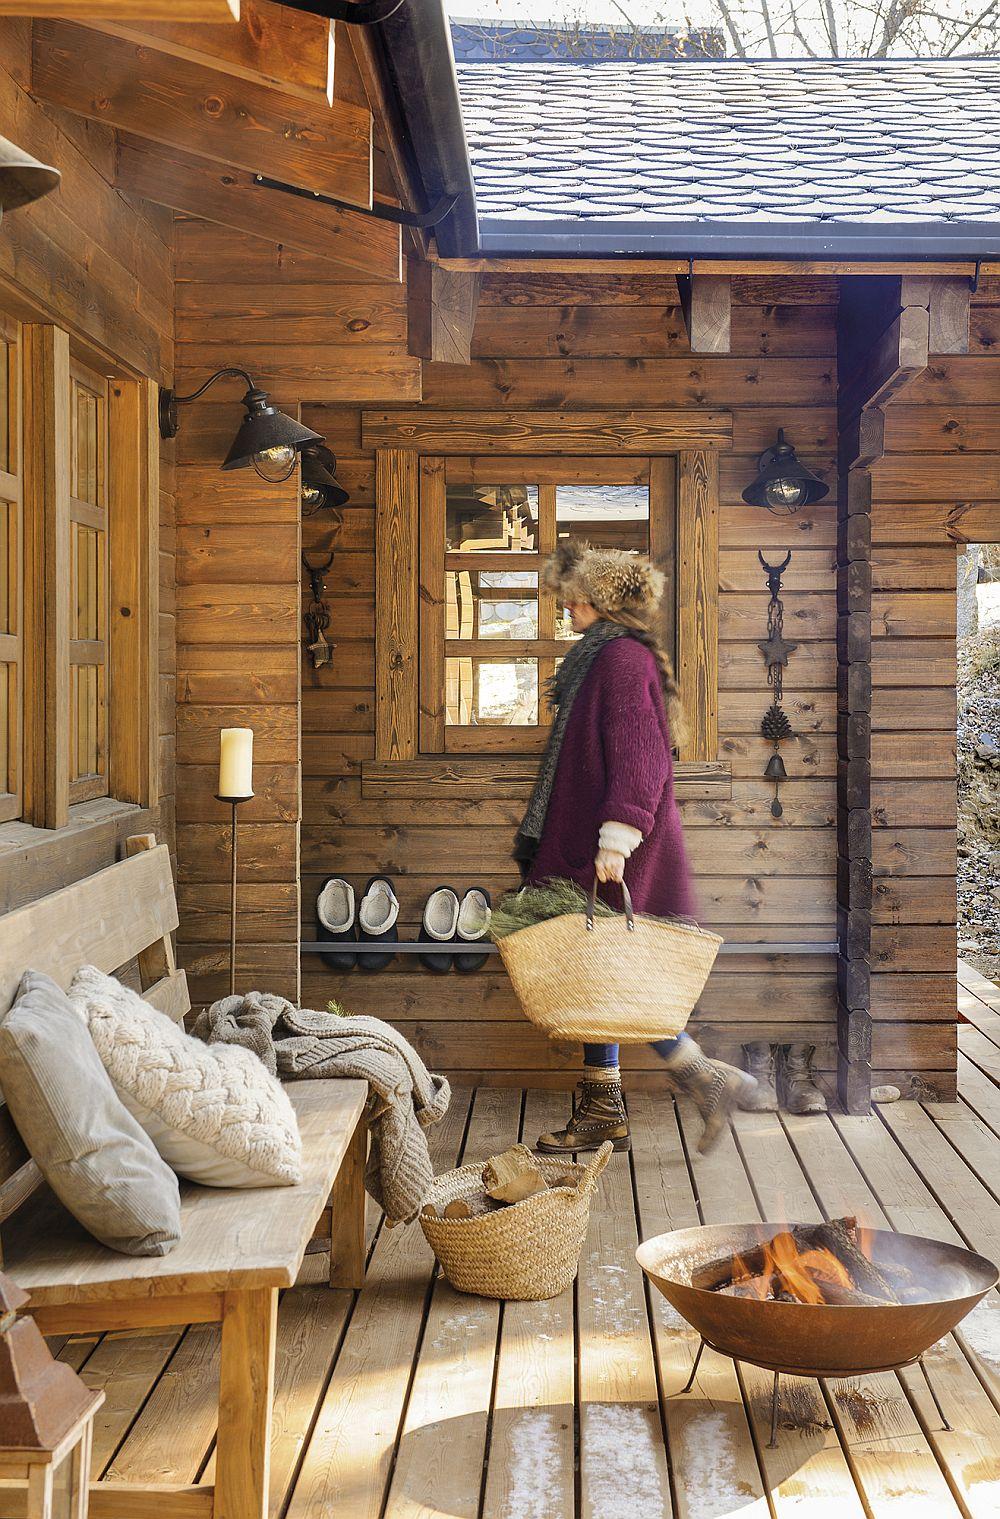 Și în sezonul rece, mai ales în zilele însorite, oamenii se pot relaxa pe terasă, mai ales când au și o sursă de căldură.